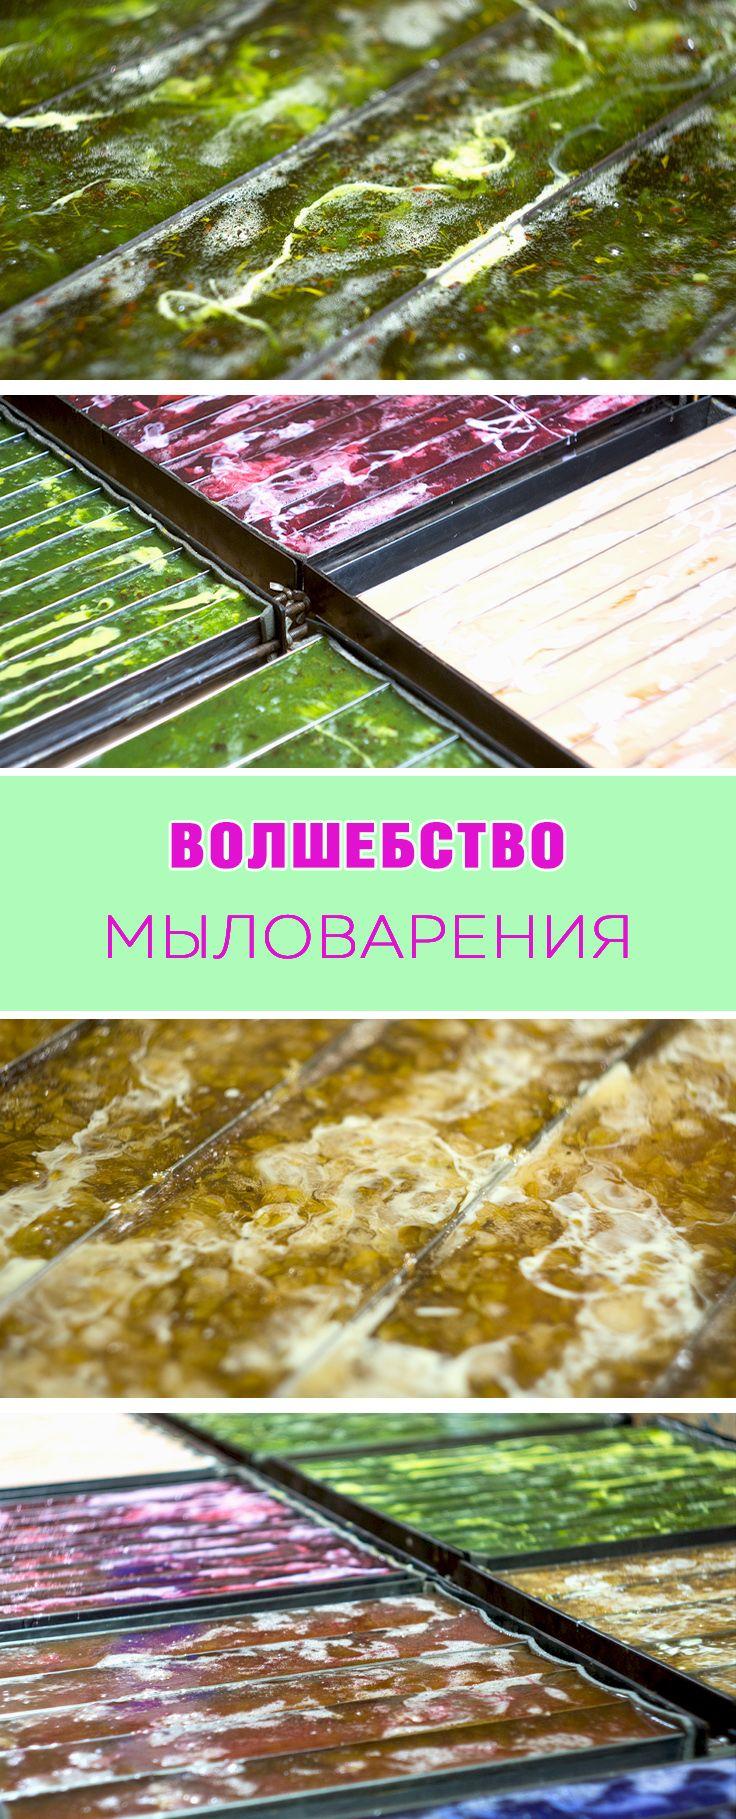 Каждый кусочек мыла напоминает изделия из камней самоцветов – полосчатых агатов, пестрой яшмы и сердолика. Для этого искусные мыловары используют минеральные пигменты, такие как лазурит, жемчужная слюда и глина, а также натуральные пищевые красители, такие как масло облепихи, экстракт зеленых листьев эвкалипта и крапивы, куркумы, индиго и кошенили.